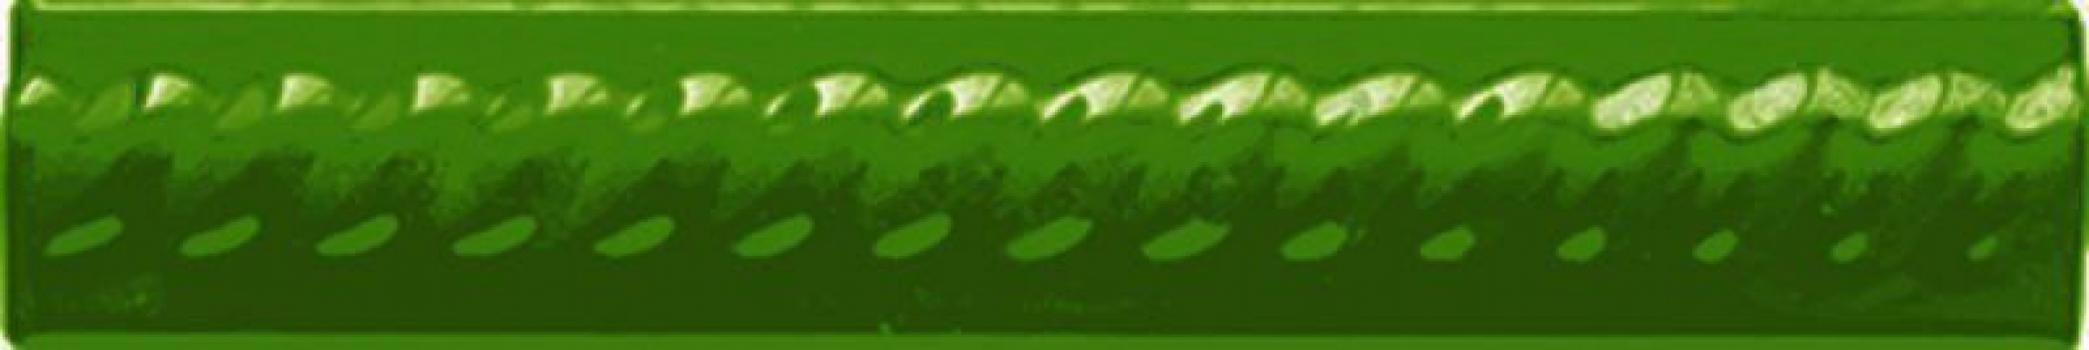 бордюр paris trenza verde vic 2,5x15 см CEVICA Trenza Verde Vic